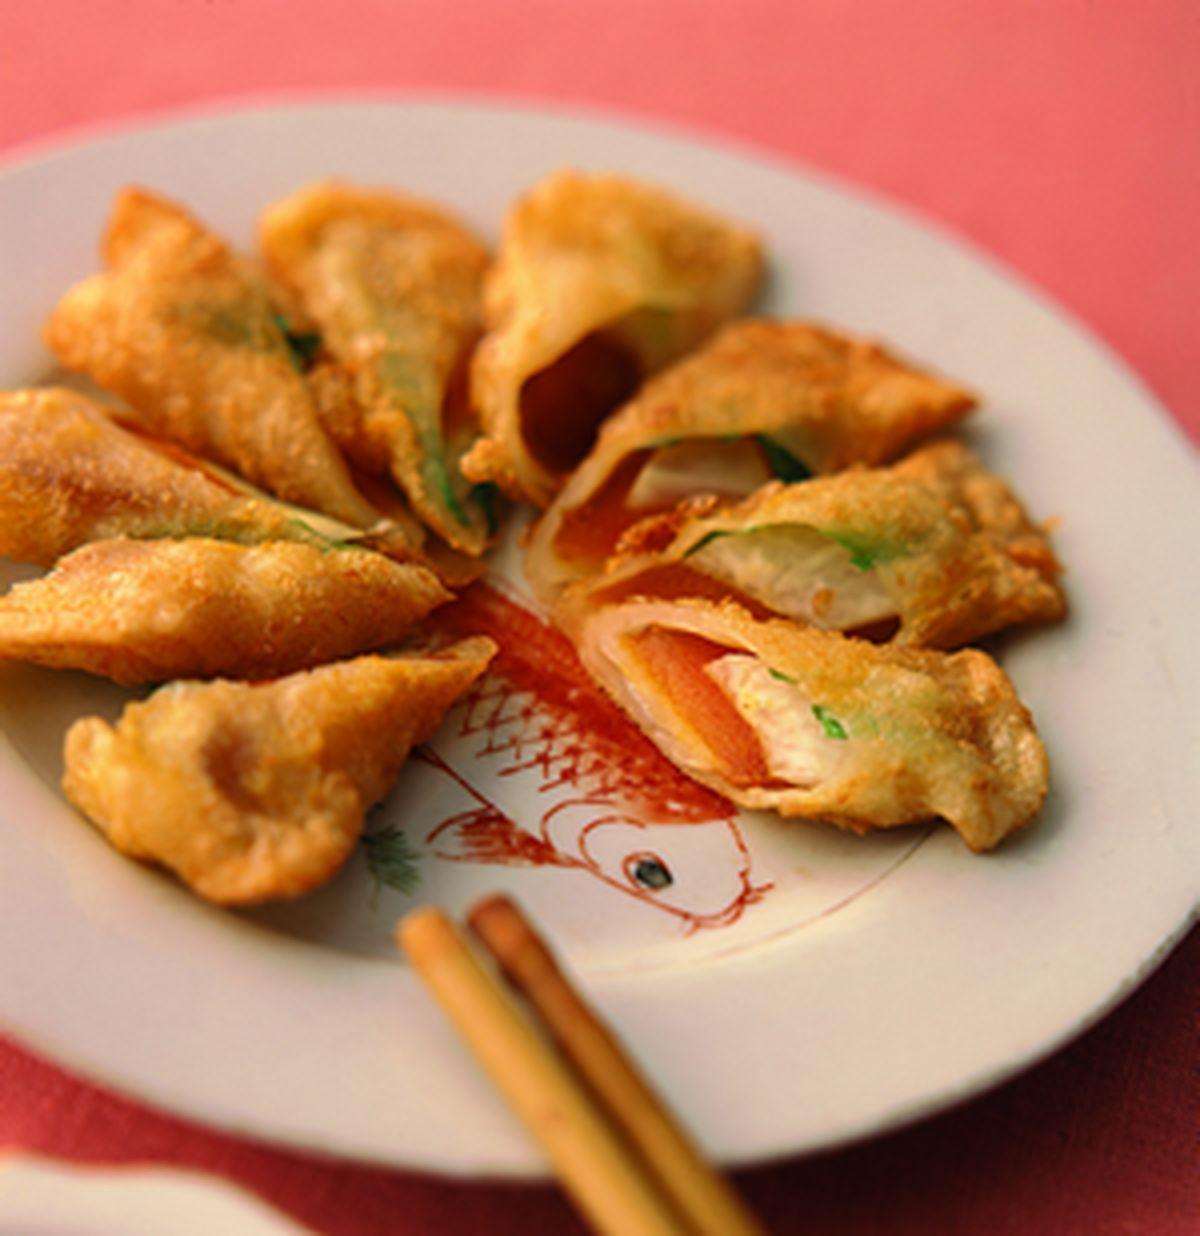 食譜:金黃烏魚子卷